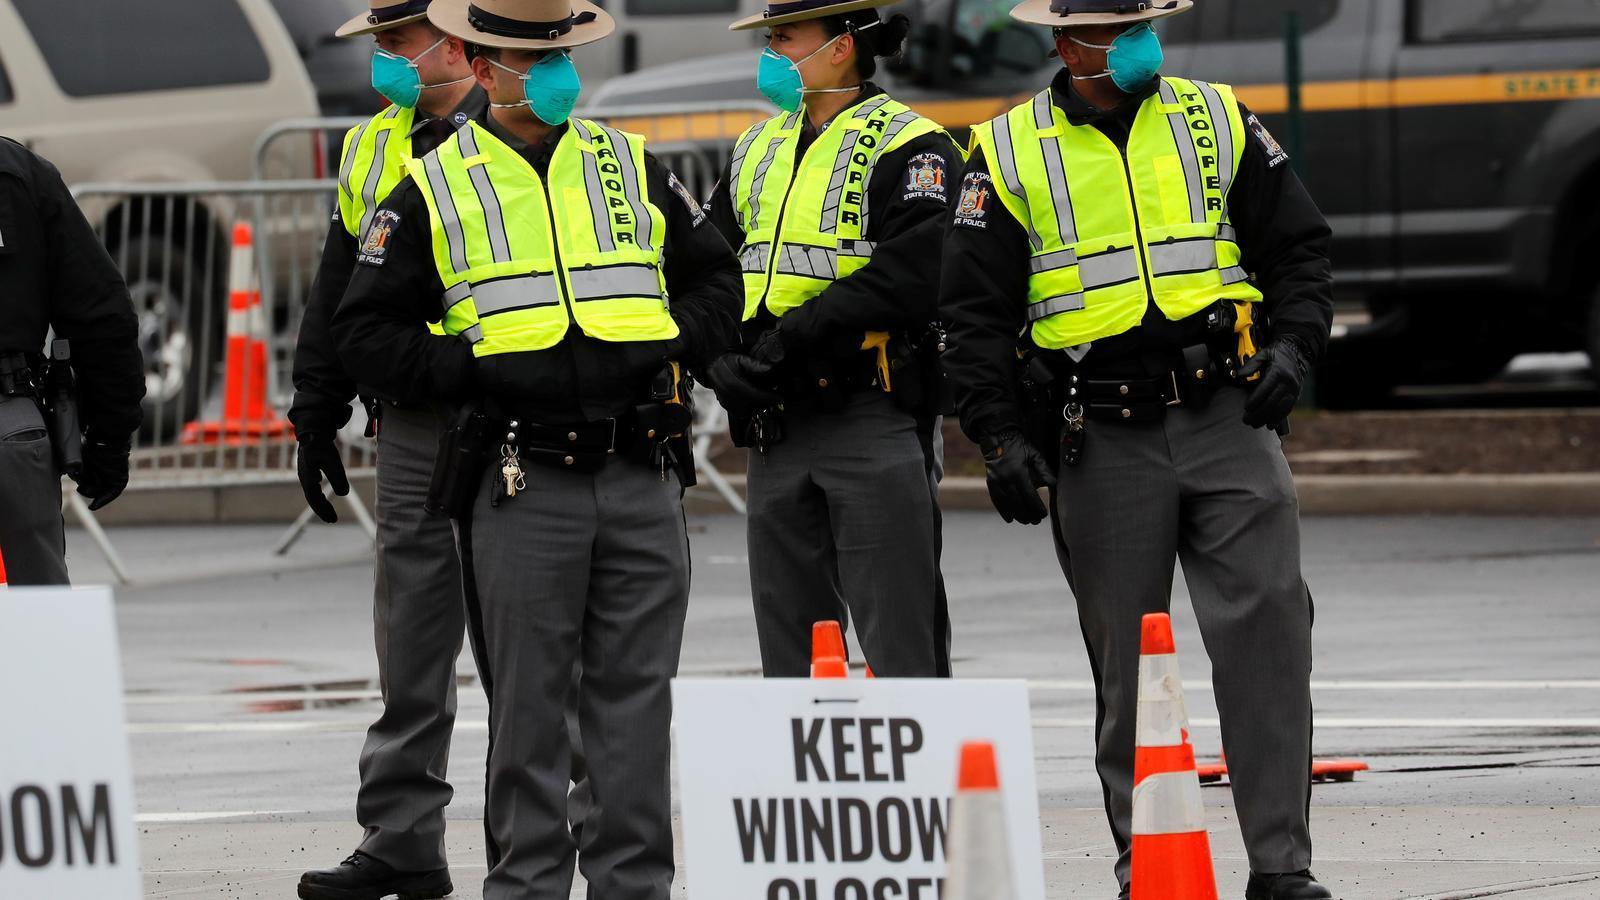 Un grup de policies vigilant un centre sanitari als Estats Units en plena epidèmia del coronavirus